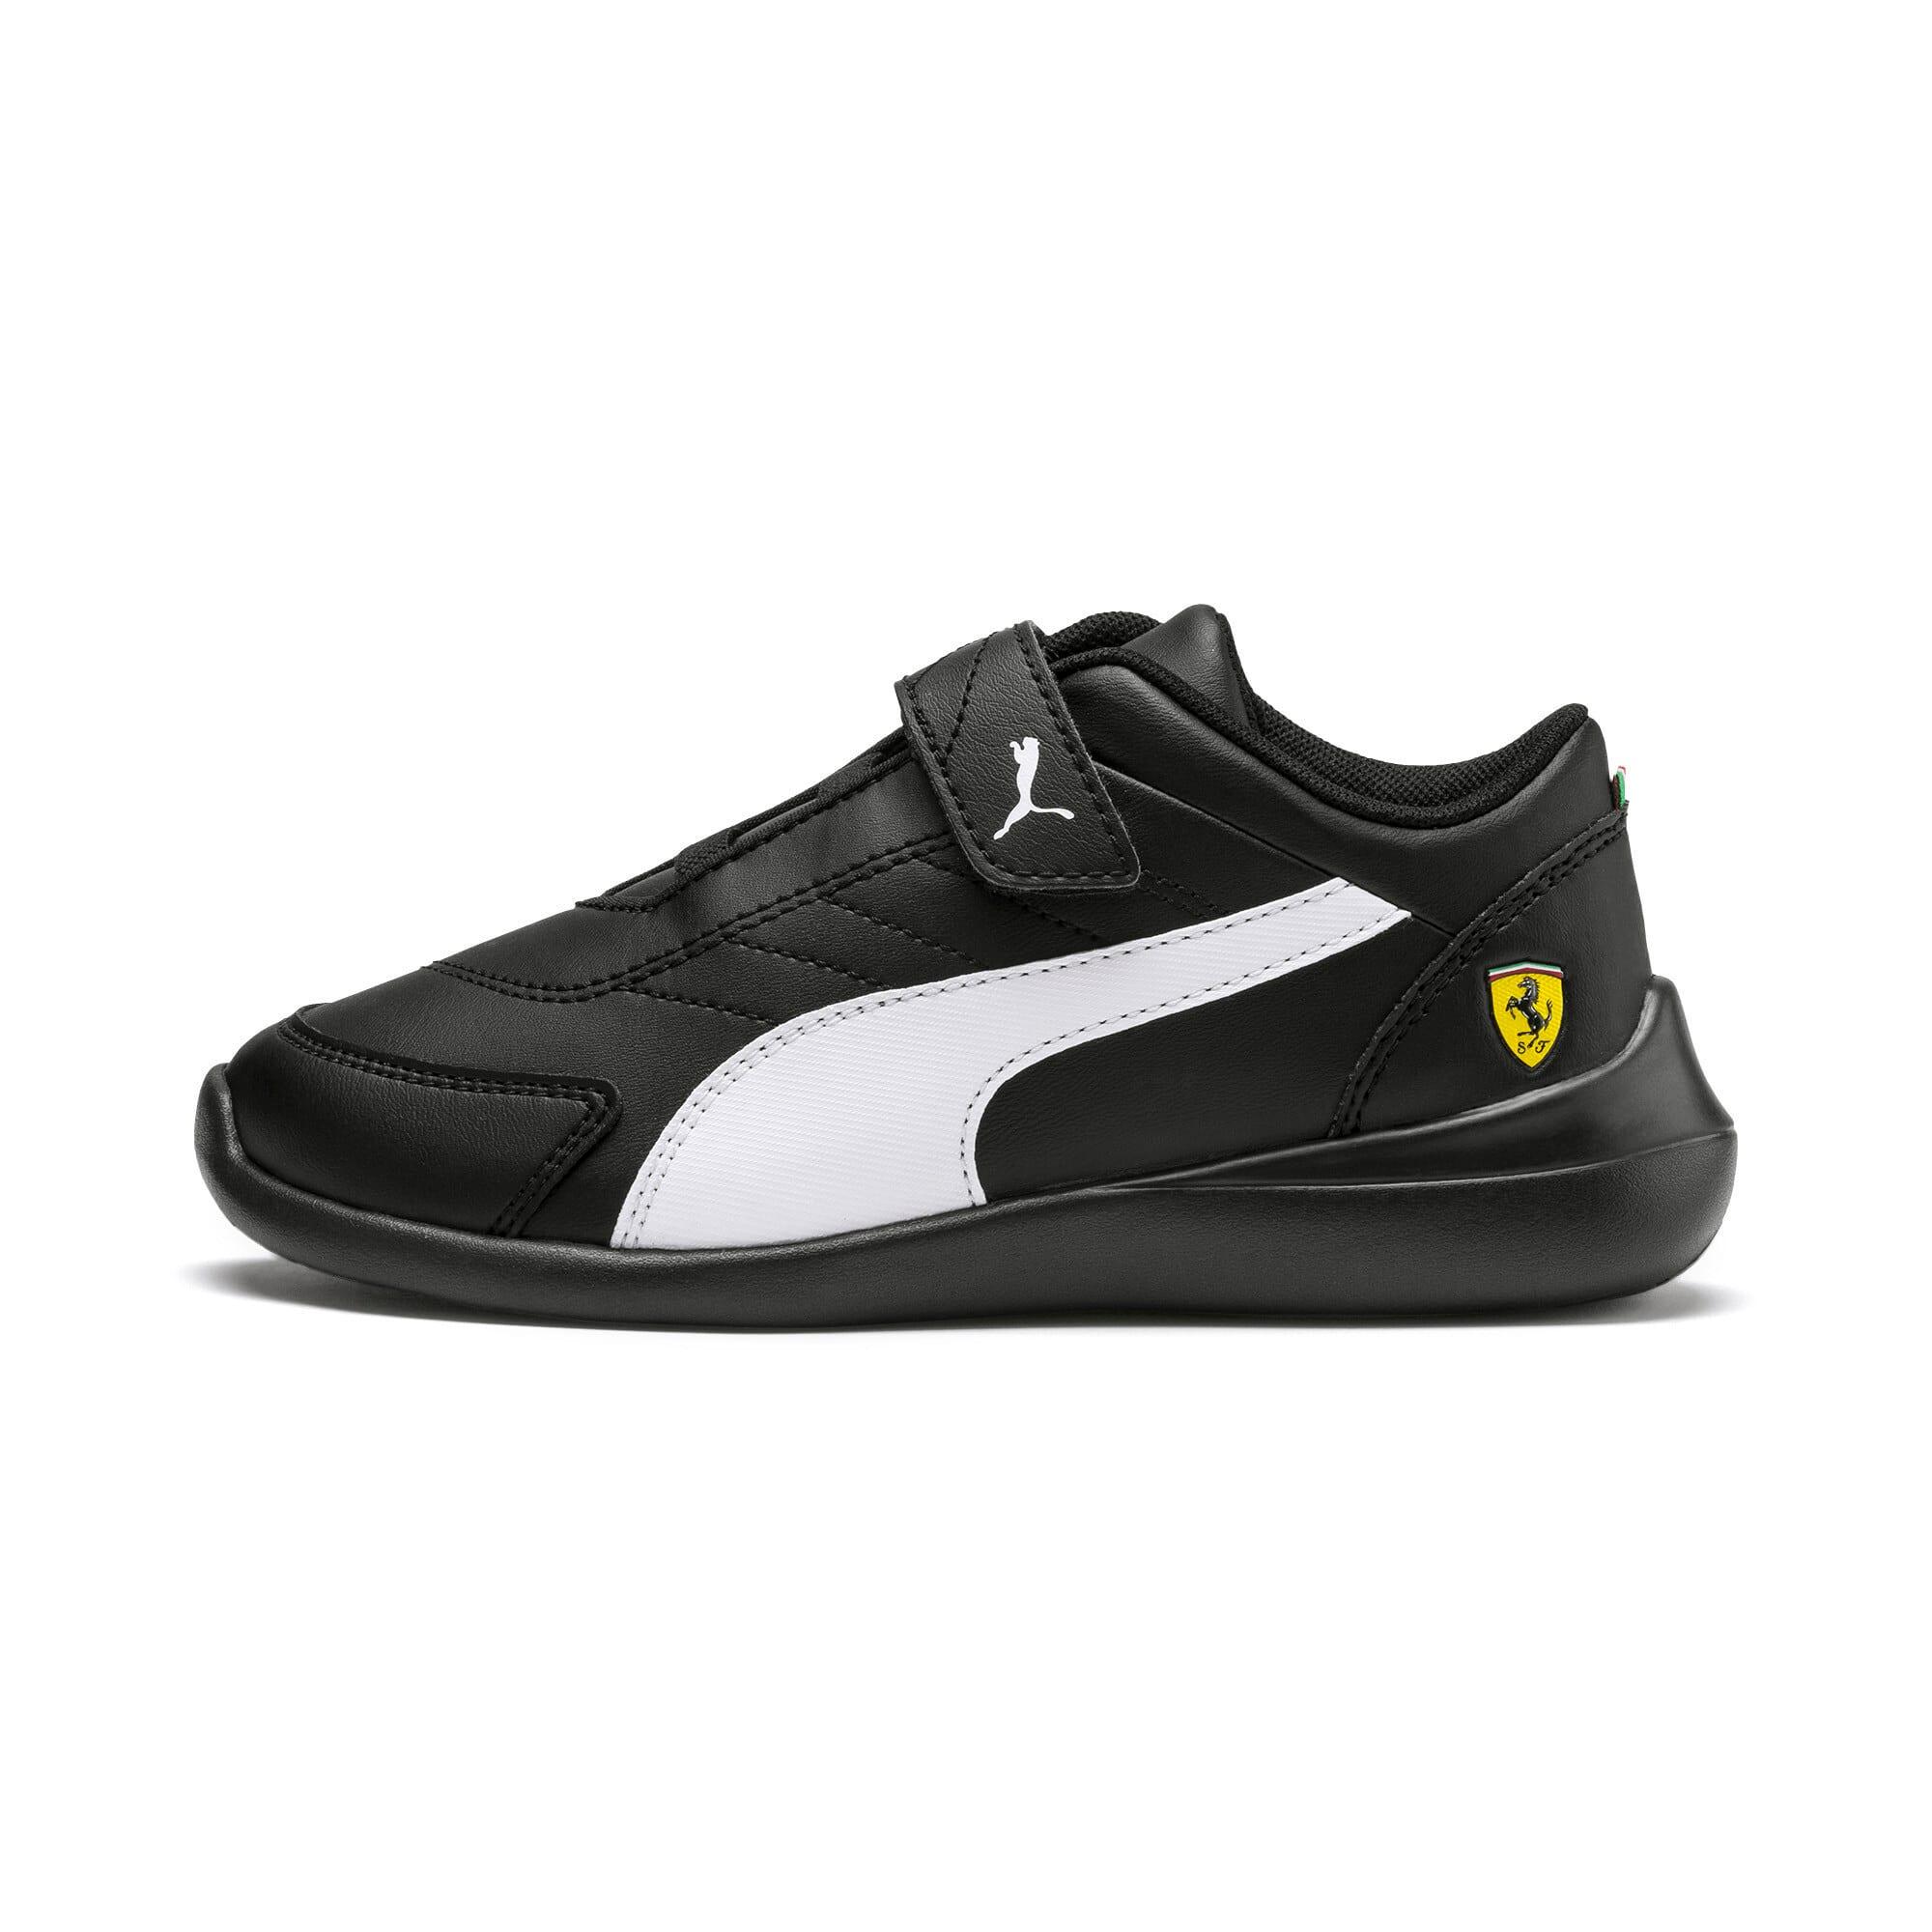 Thumbnail 1 of Ferrari Kart Cat III Kids' Trainers, Black-White-Blazing Yellow, medium-IND